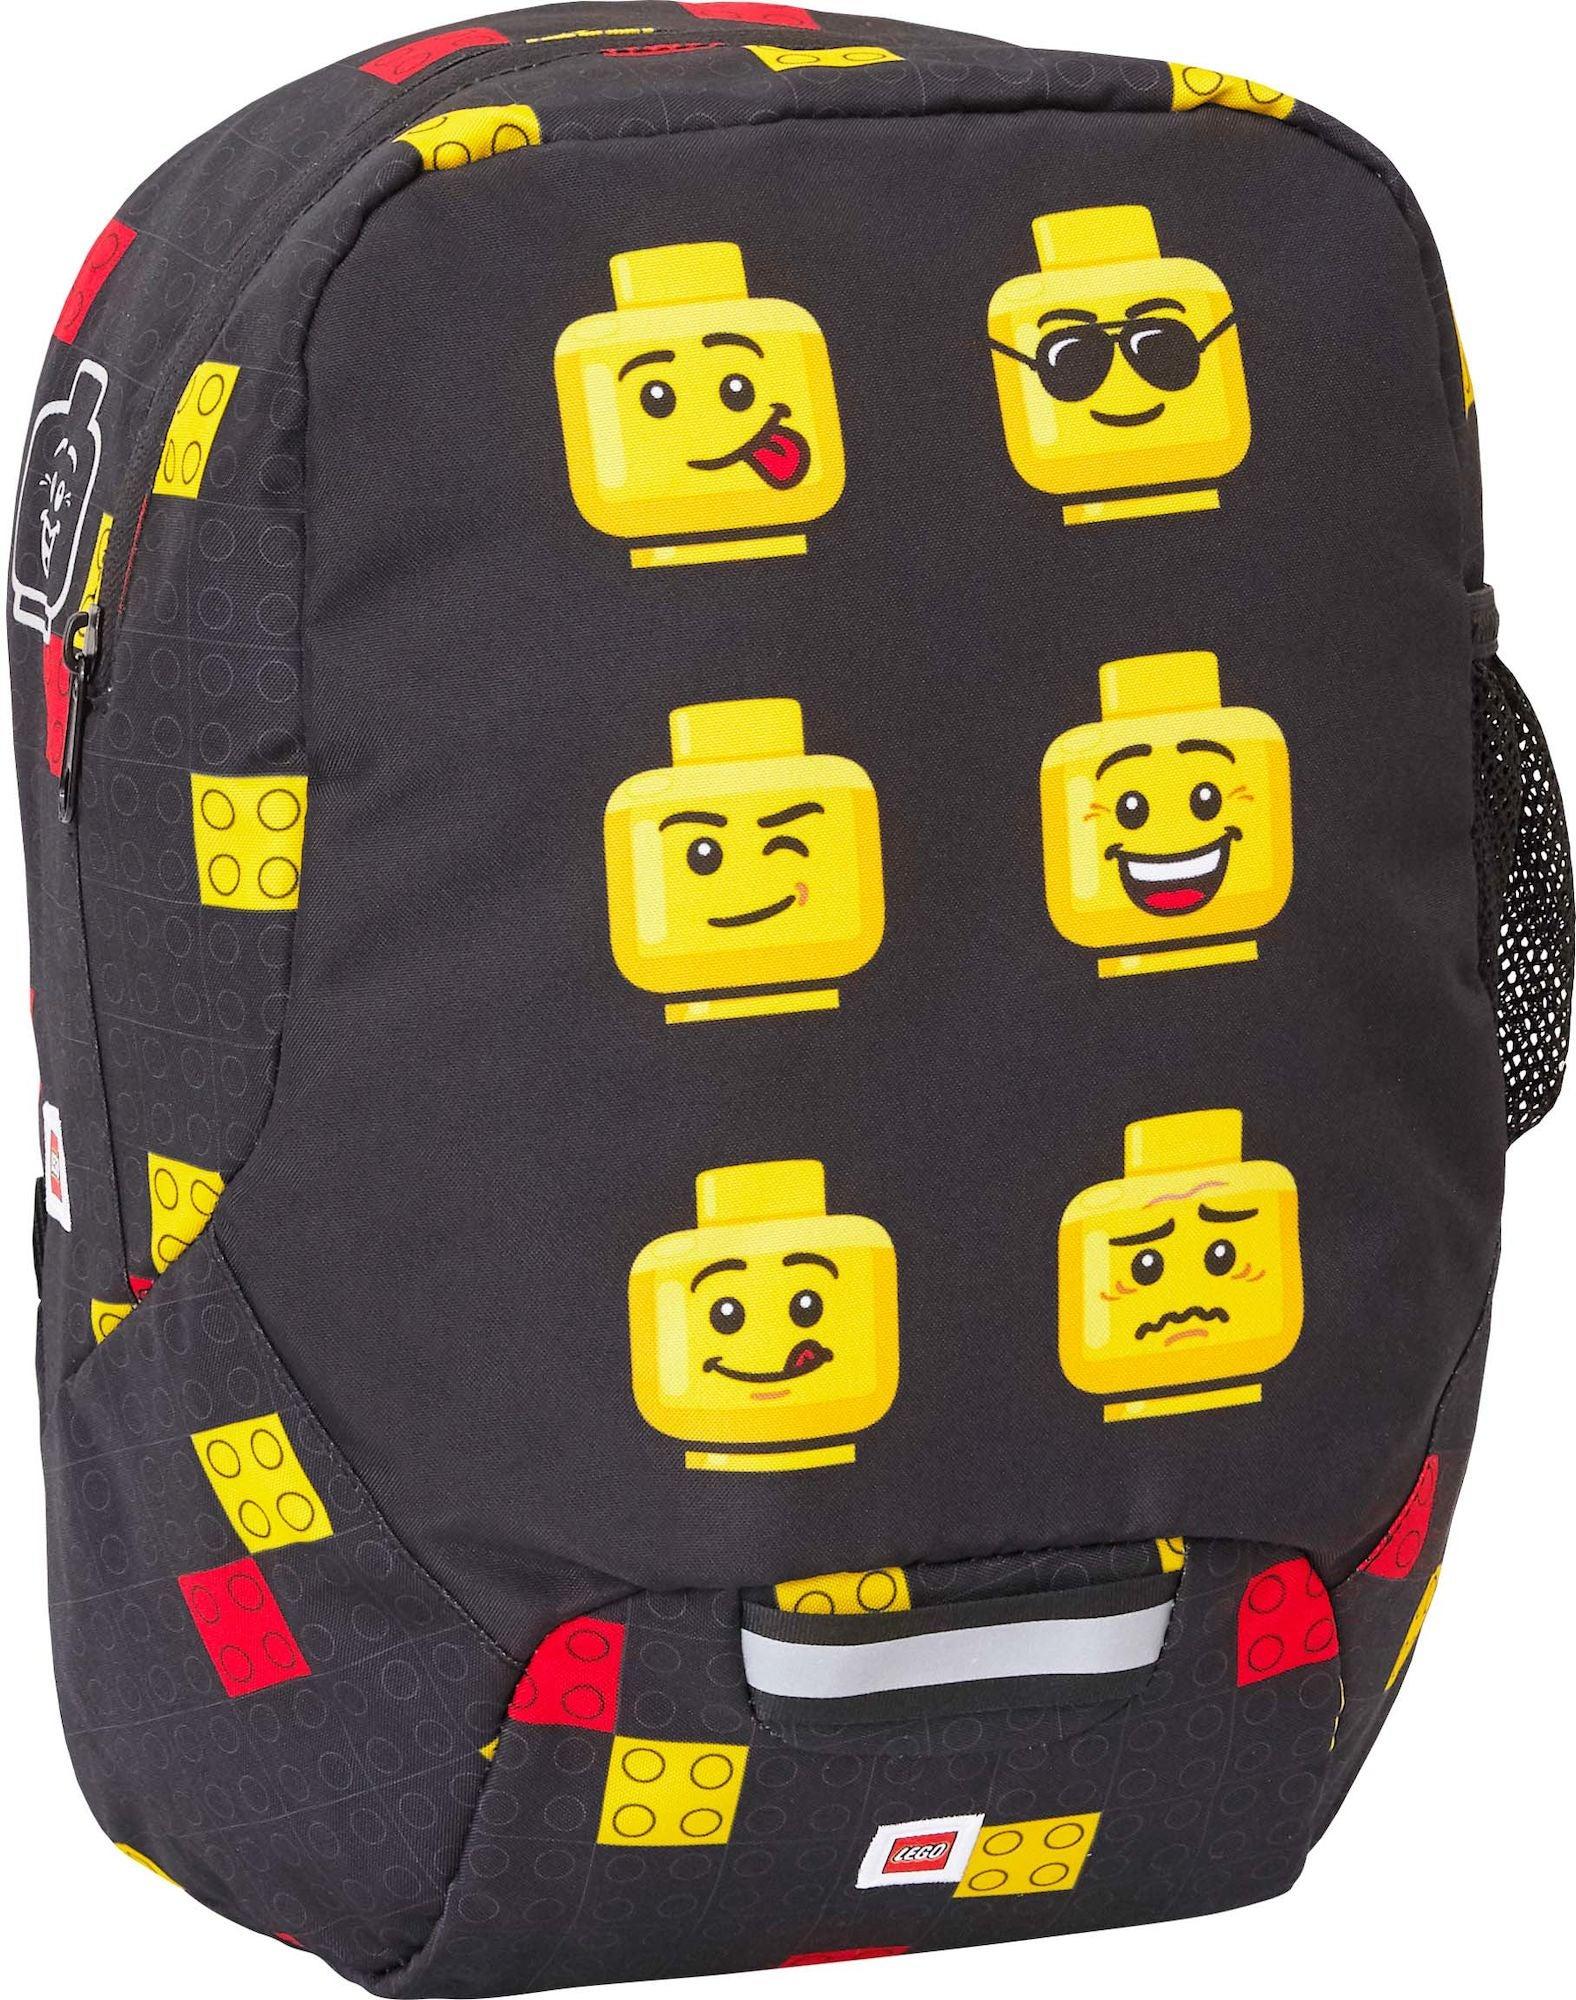 LEGO Faces Ryggsäck 10L, Black